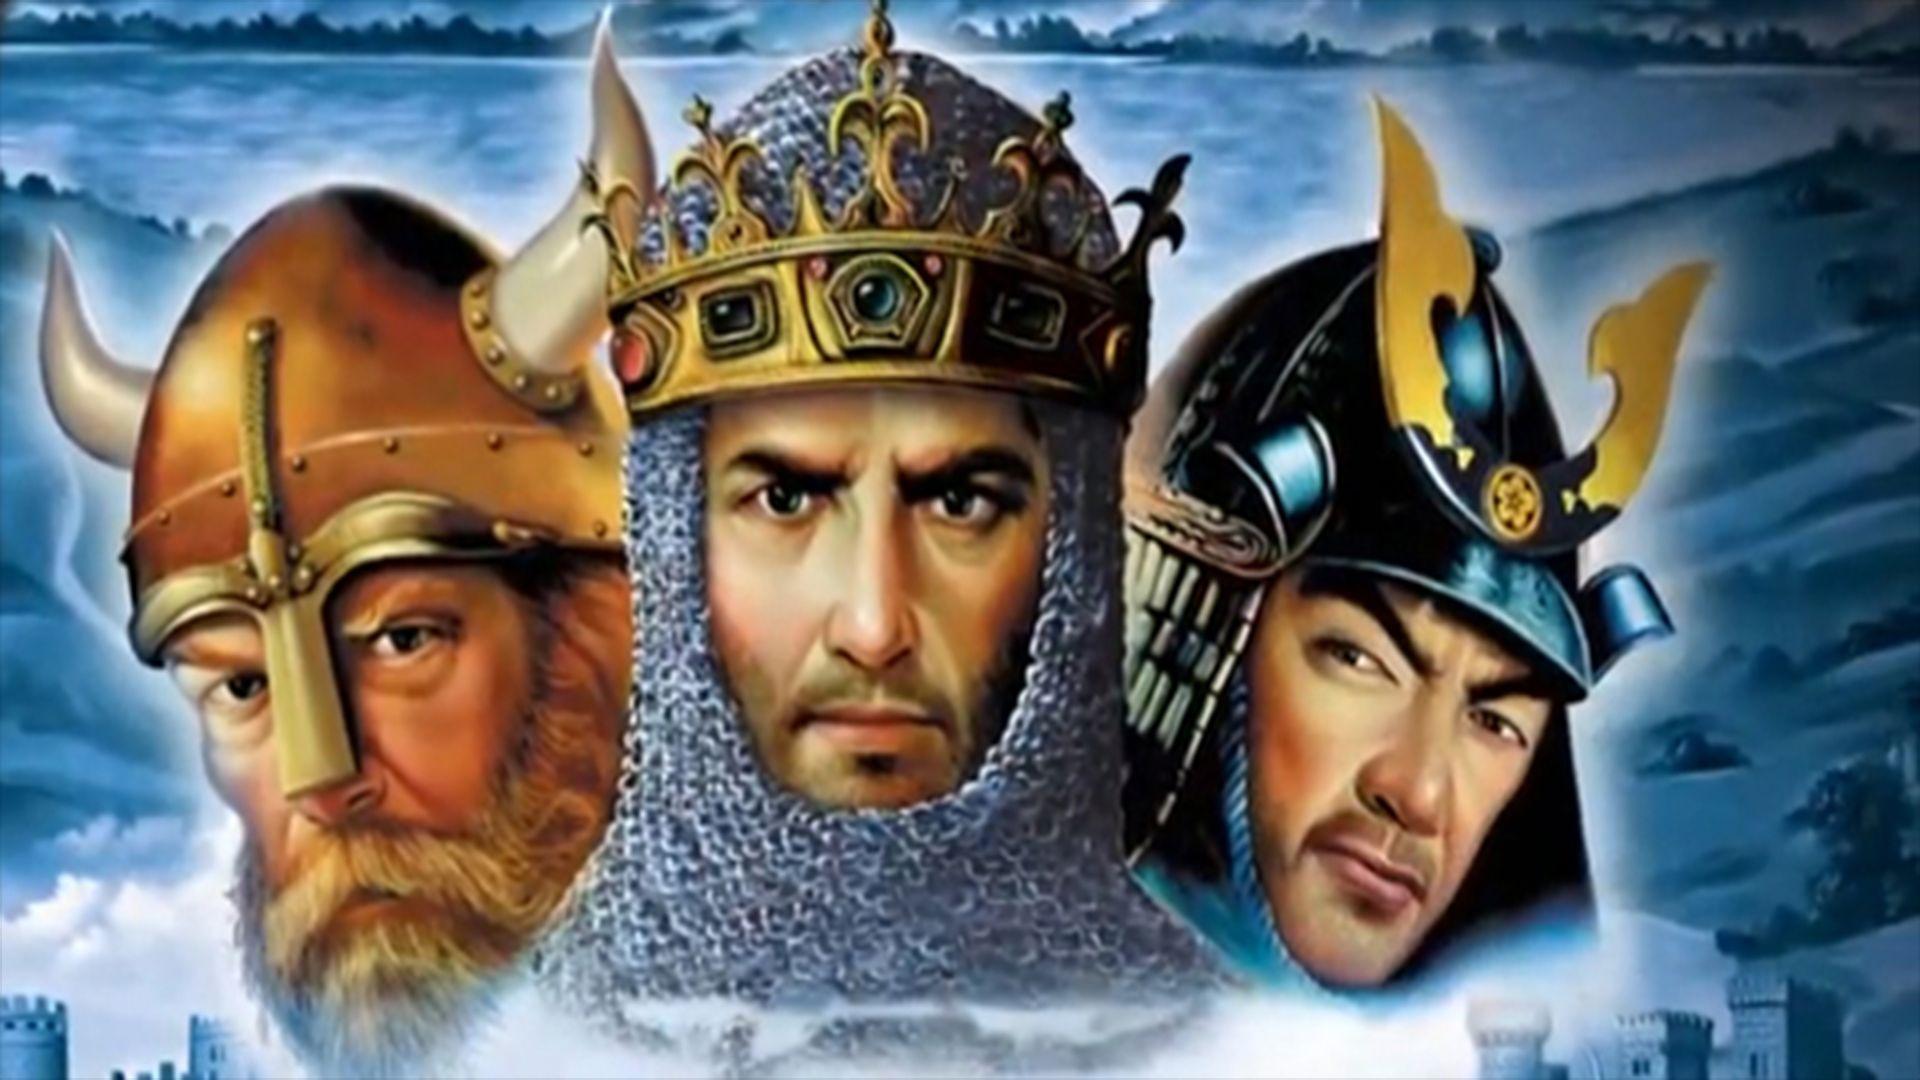 Age Of Empires II HD Computer Wallpapers, Desktop Backgrounds ...